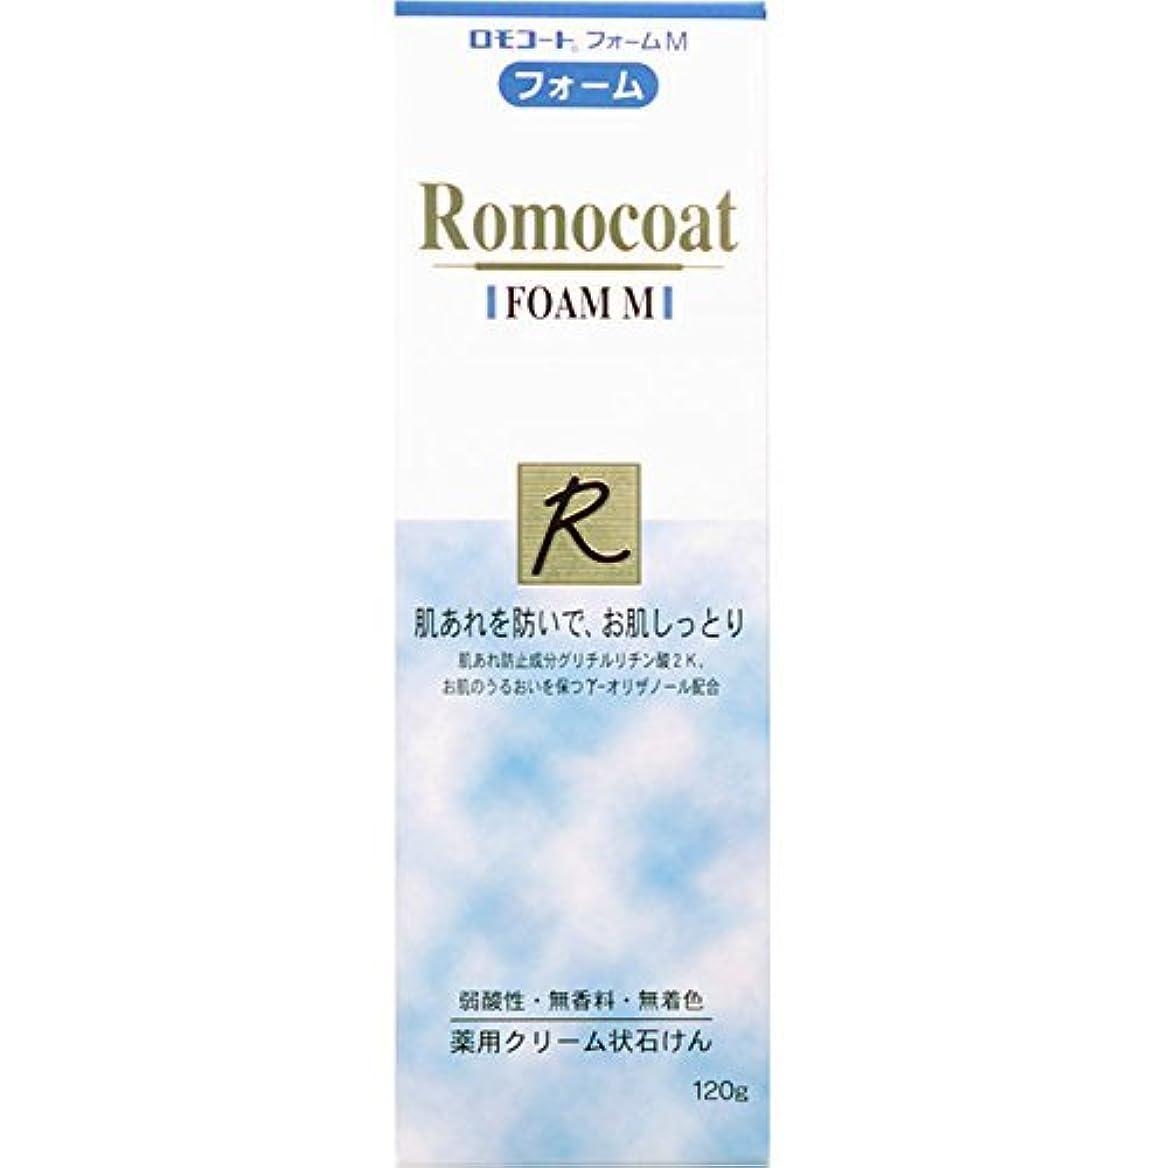 ジョガー暖かさ塊【2個】ロモコートフォームM 120gx2個 (4987305032621-2)